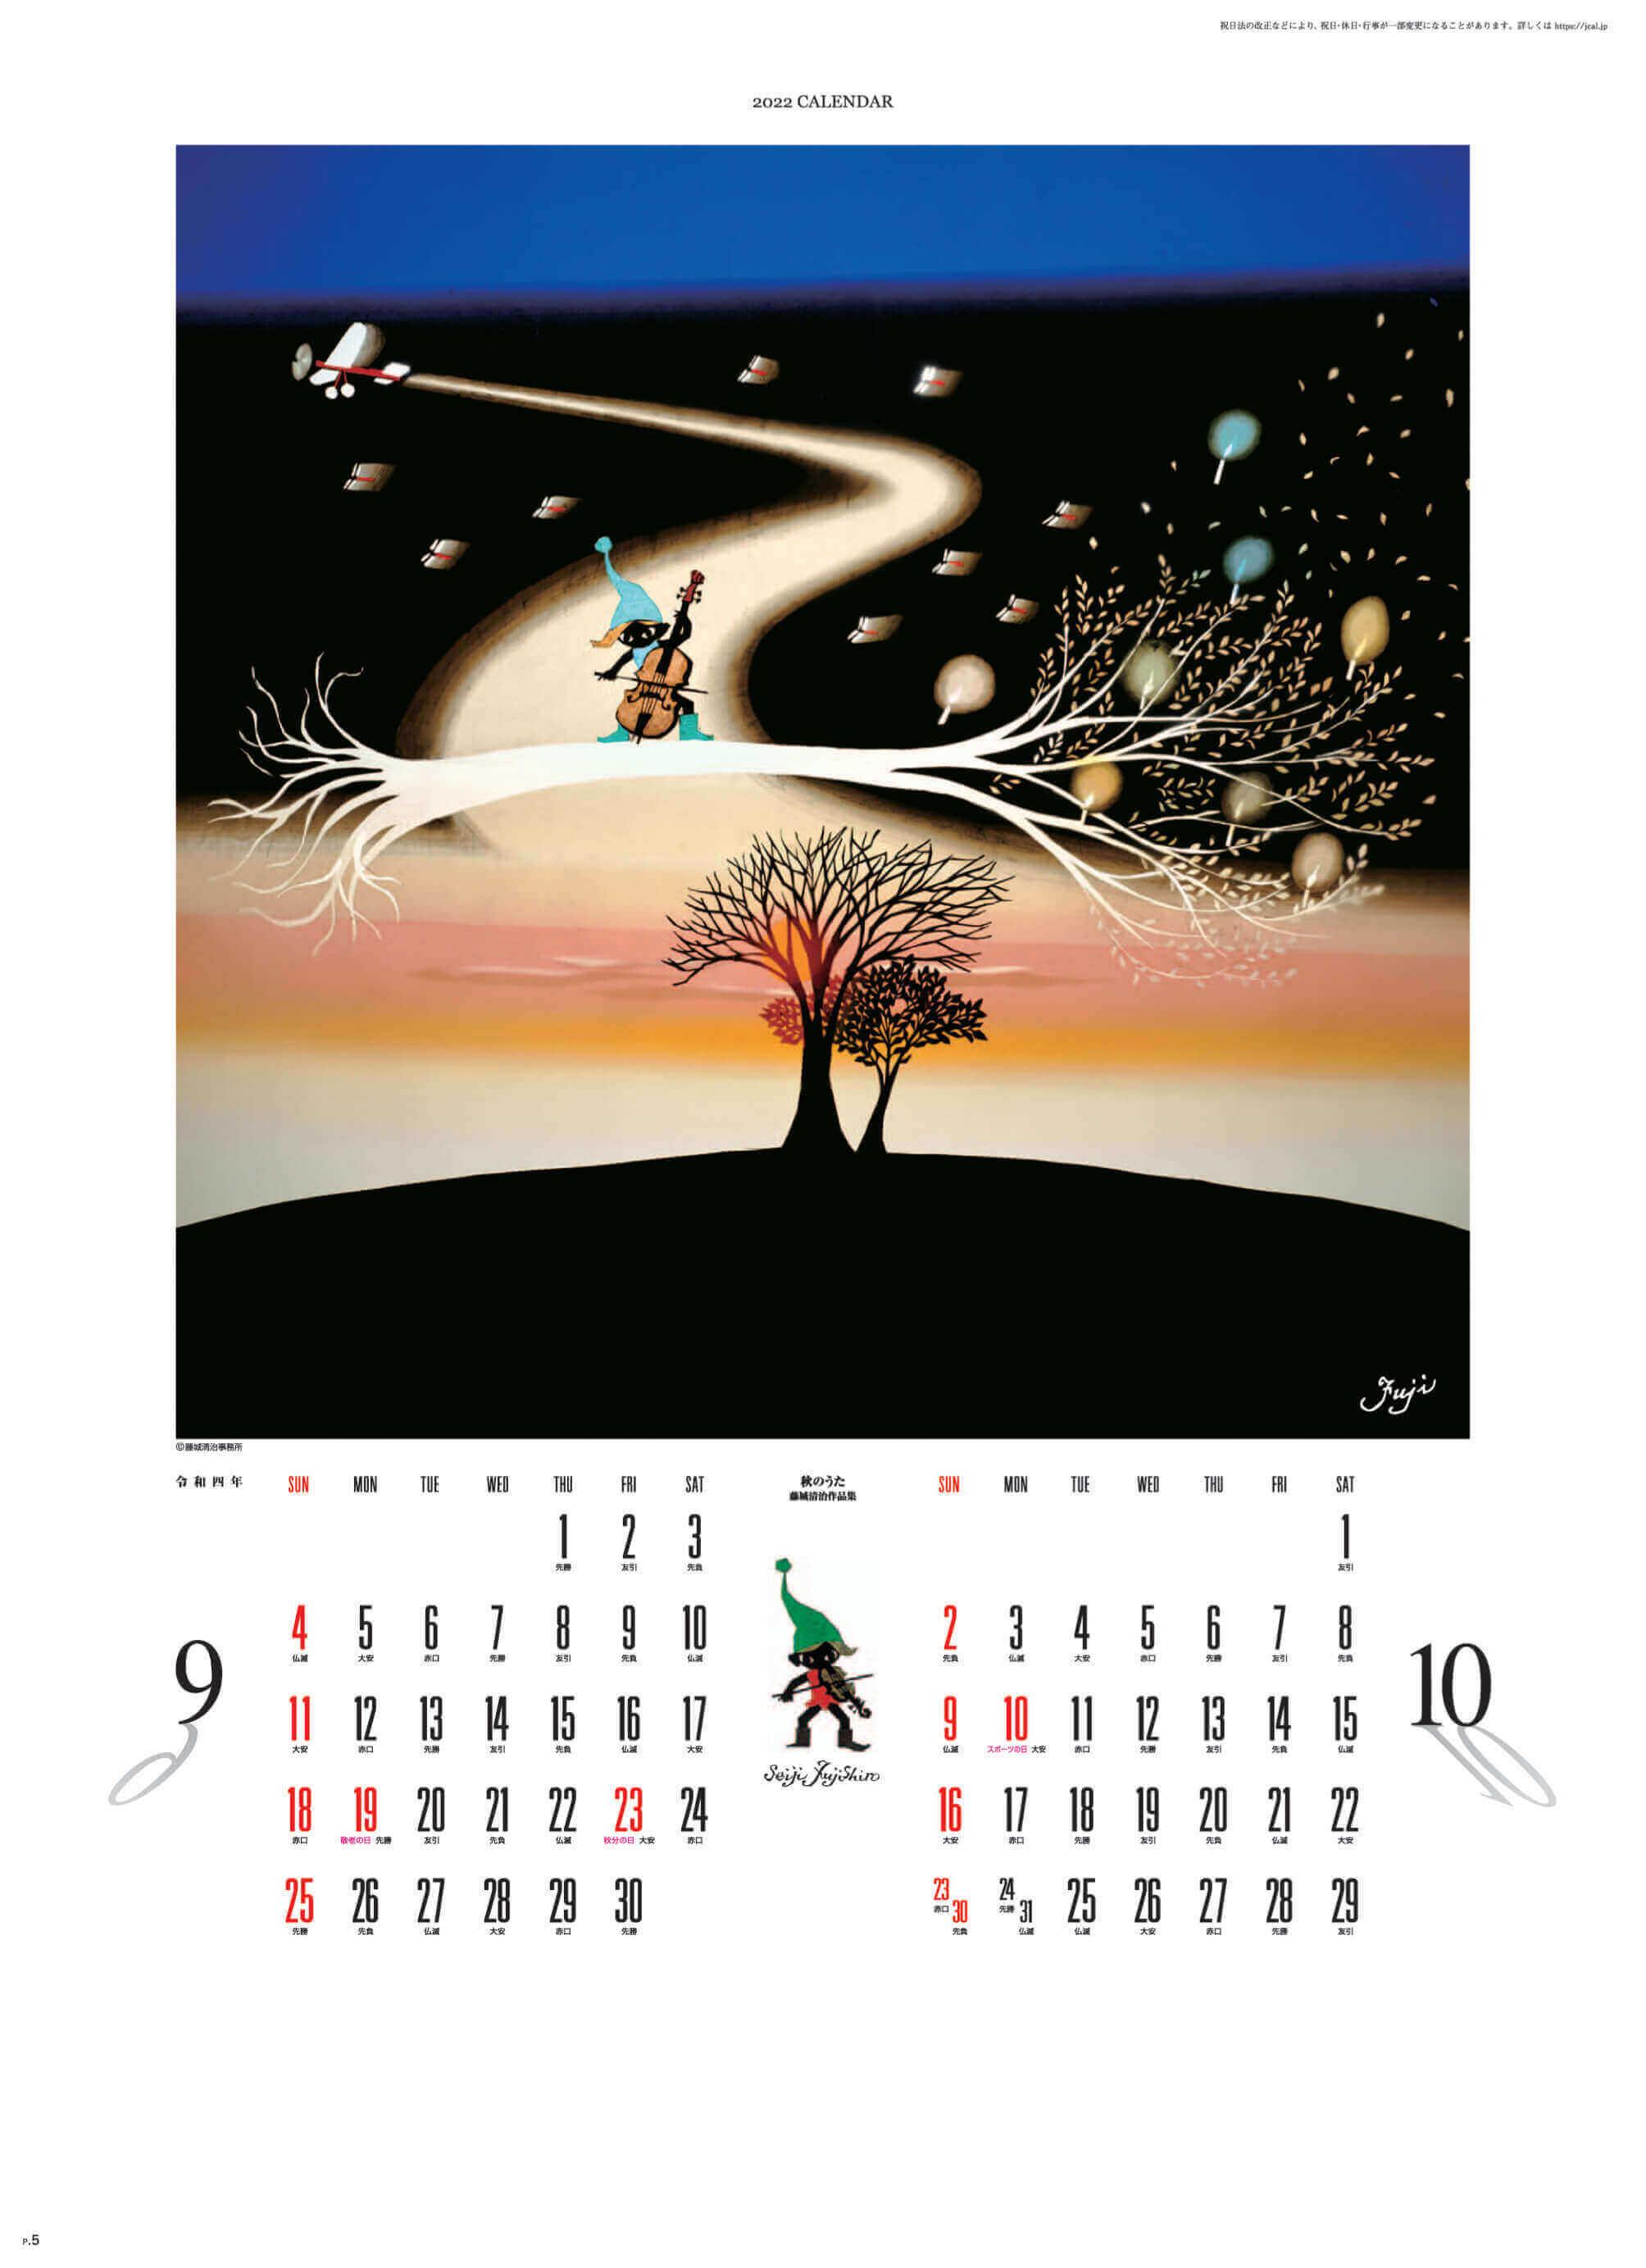 9-10月 秋のうた 遠い日の風景から(影絵) 藤城清治 2022年カレンダーの画像